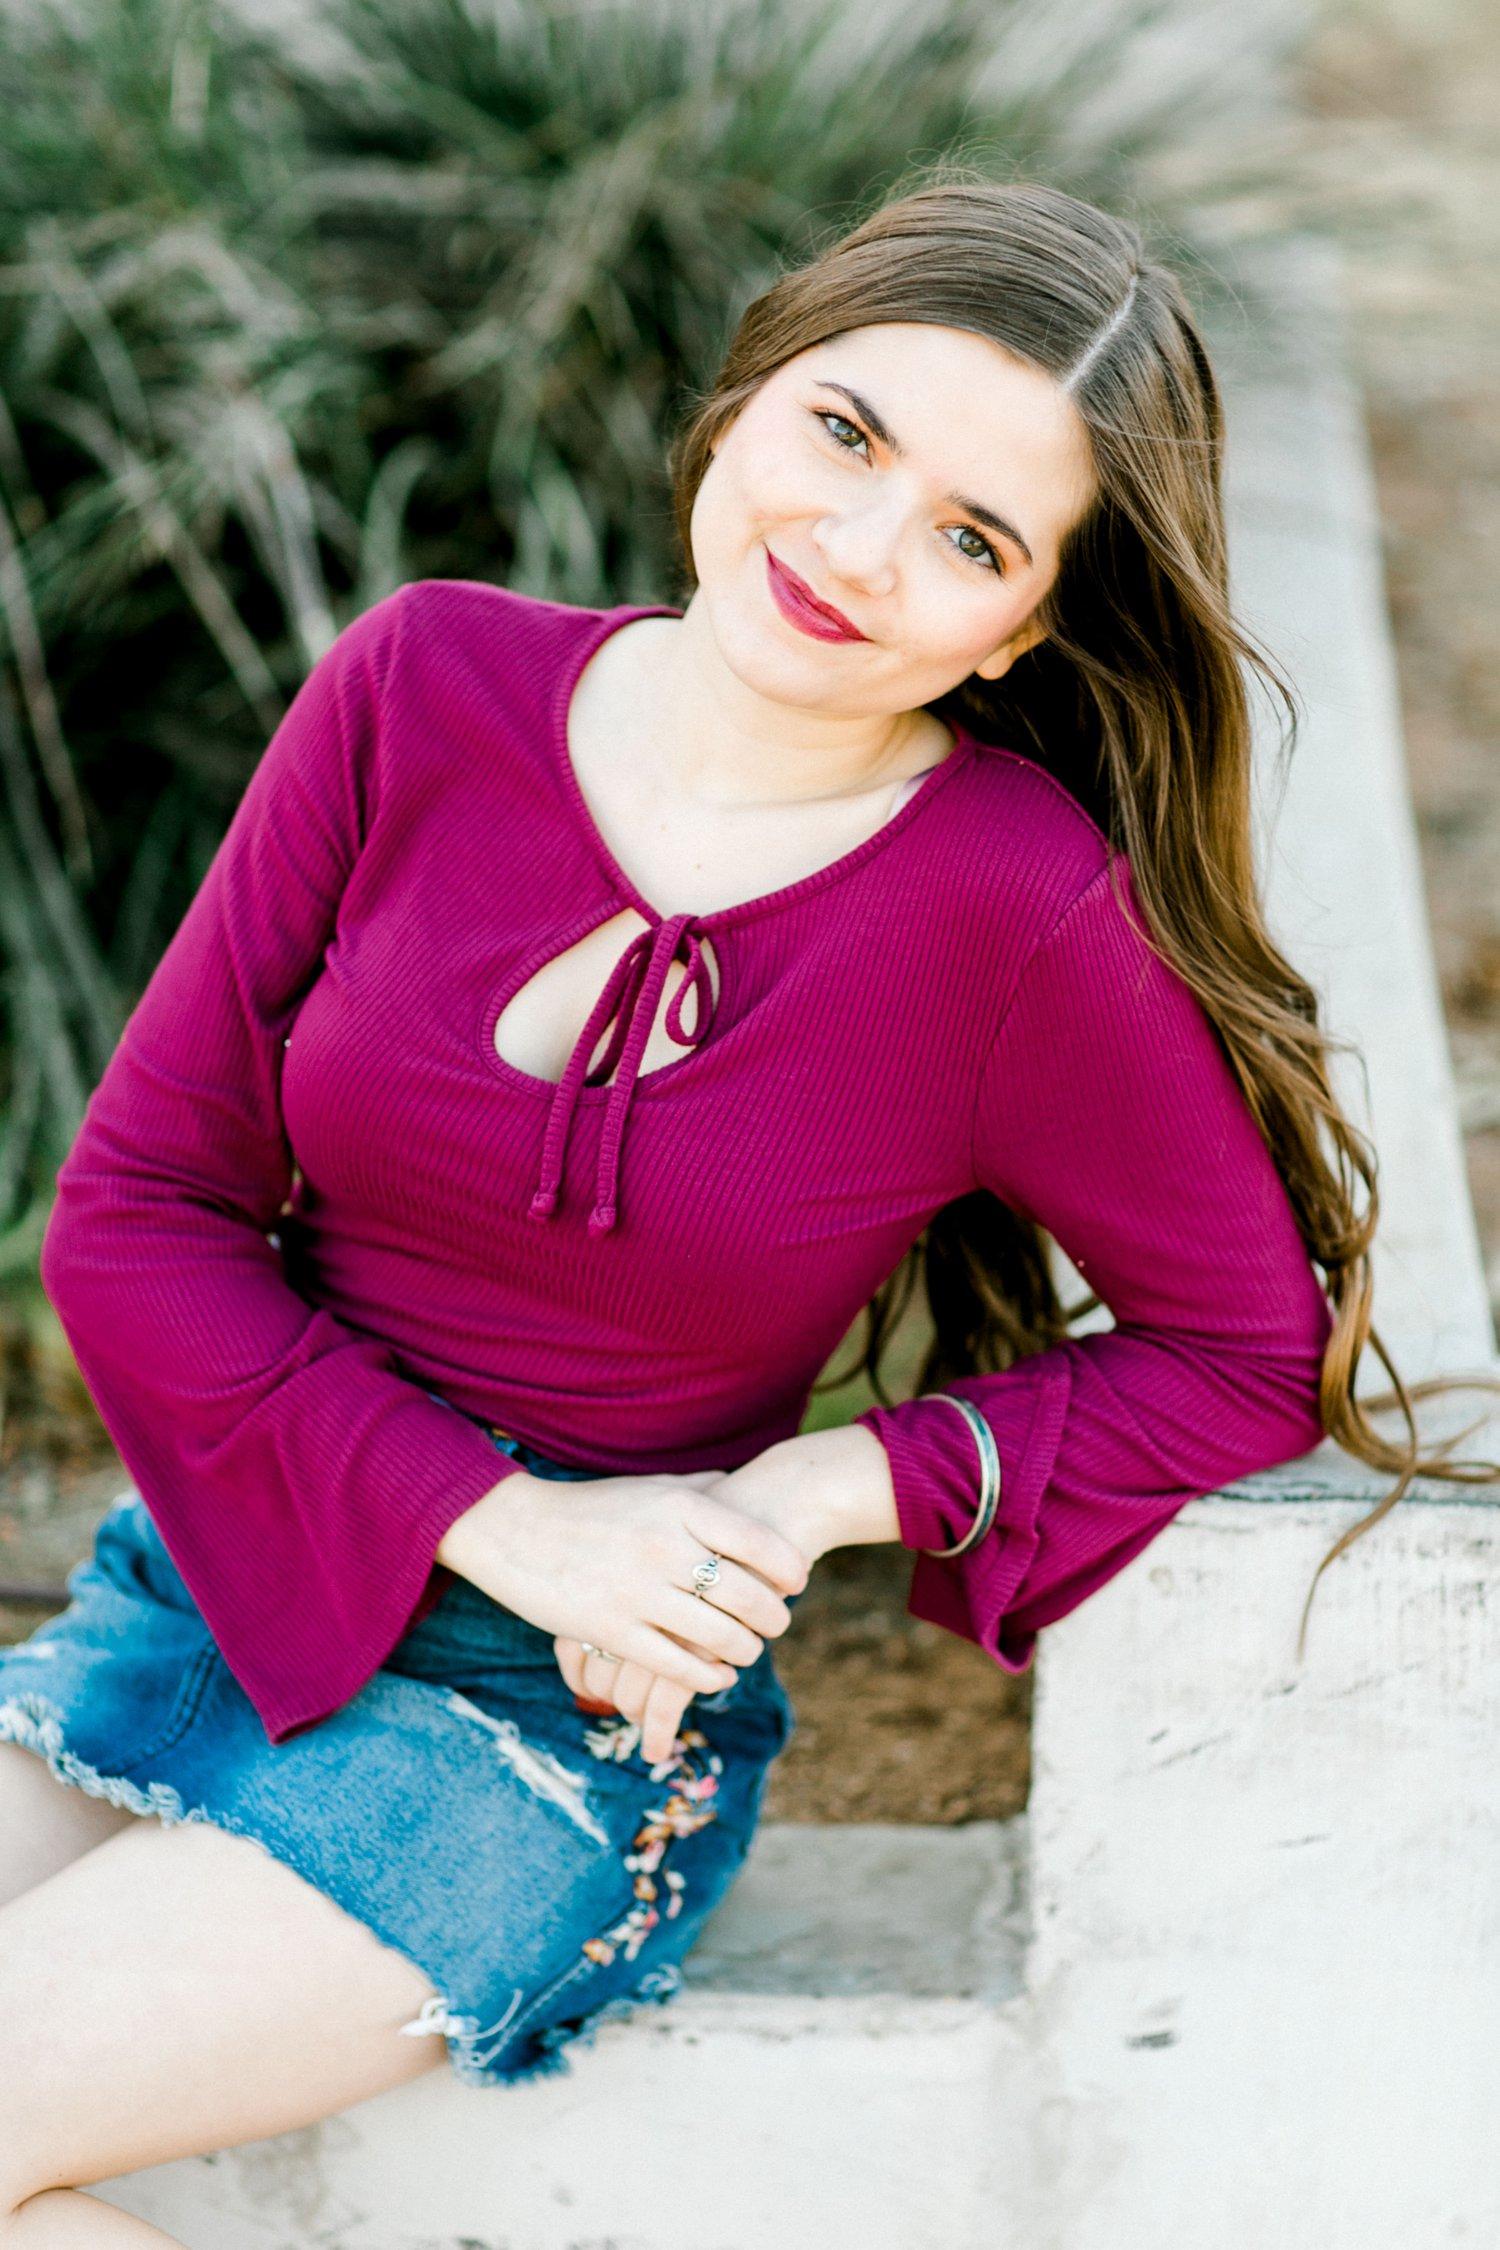 Emma-Stapleton-High-School-Senior-Photographer-Lubbock_0037.jpg